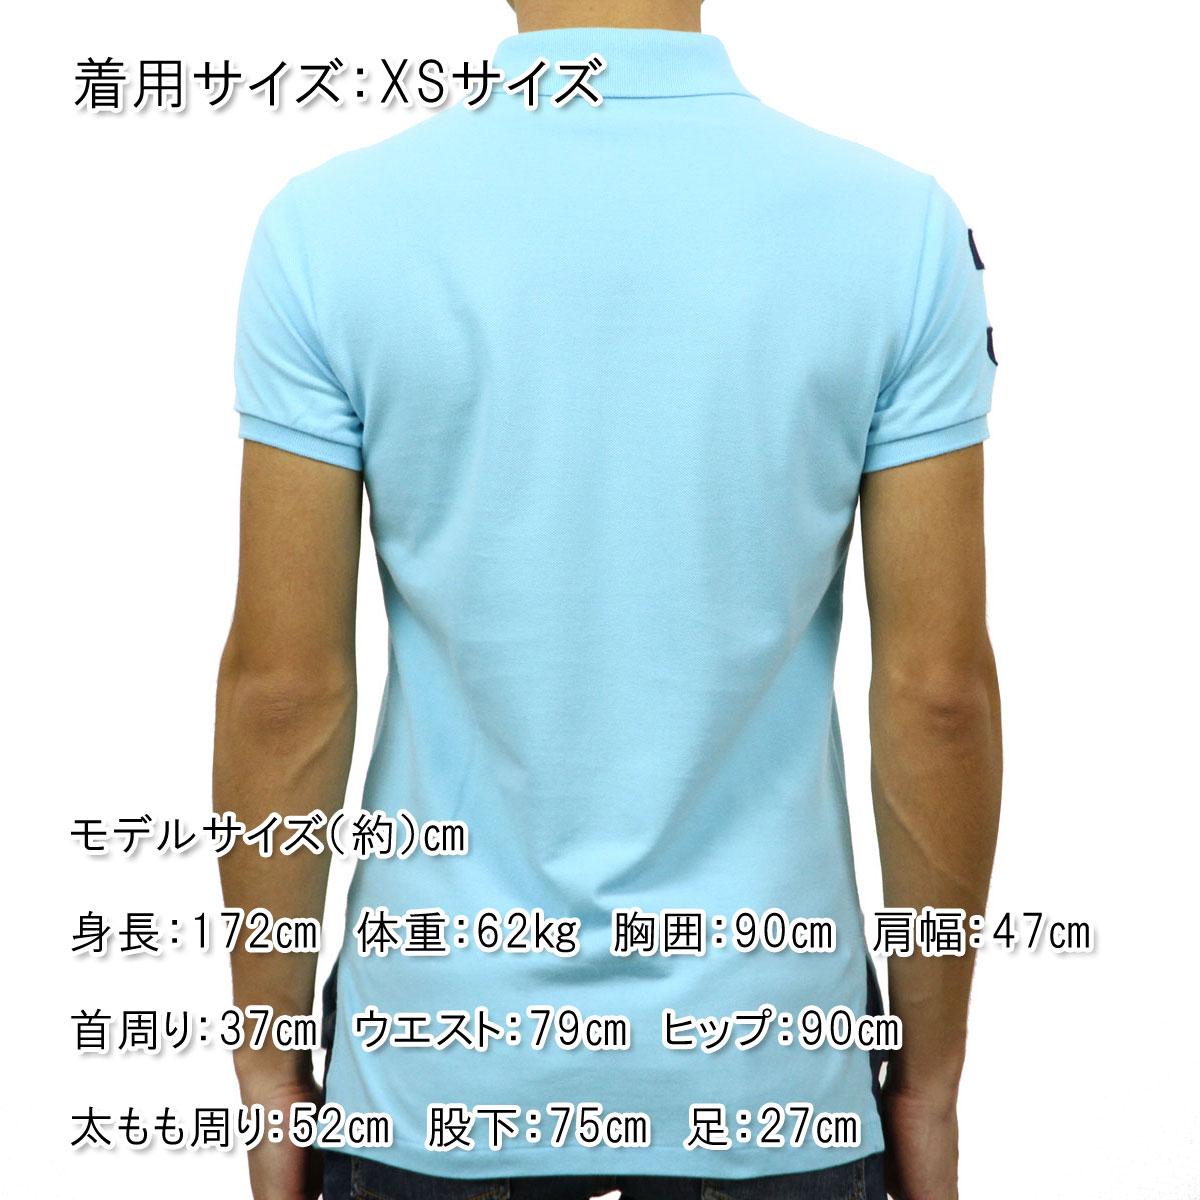 ポロラルフローレン POLO RALPH LAUREN 正規品 メンズ ポロシャツ CUSTOM-FIT BIG PONY POLO